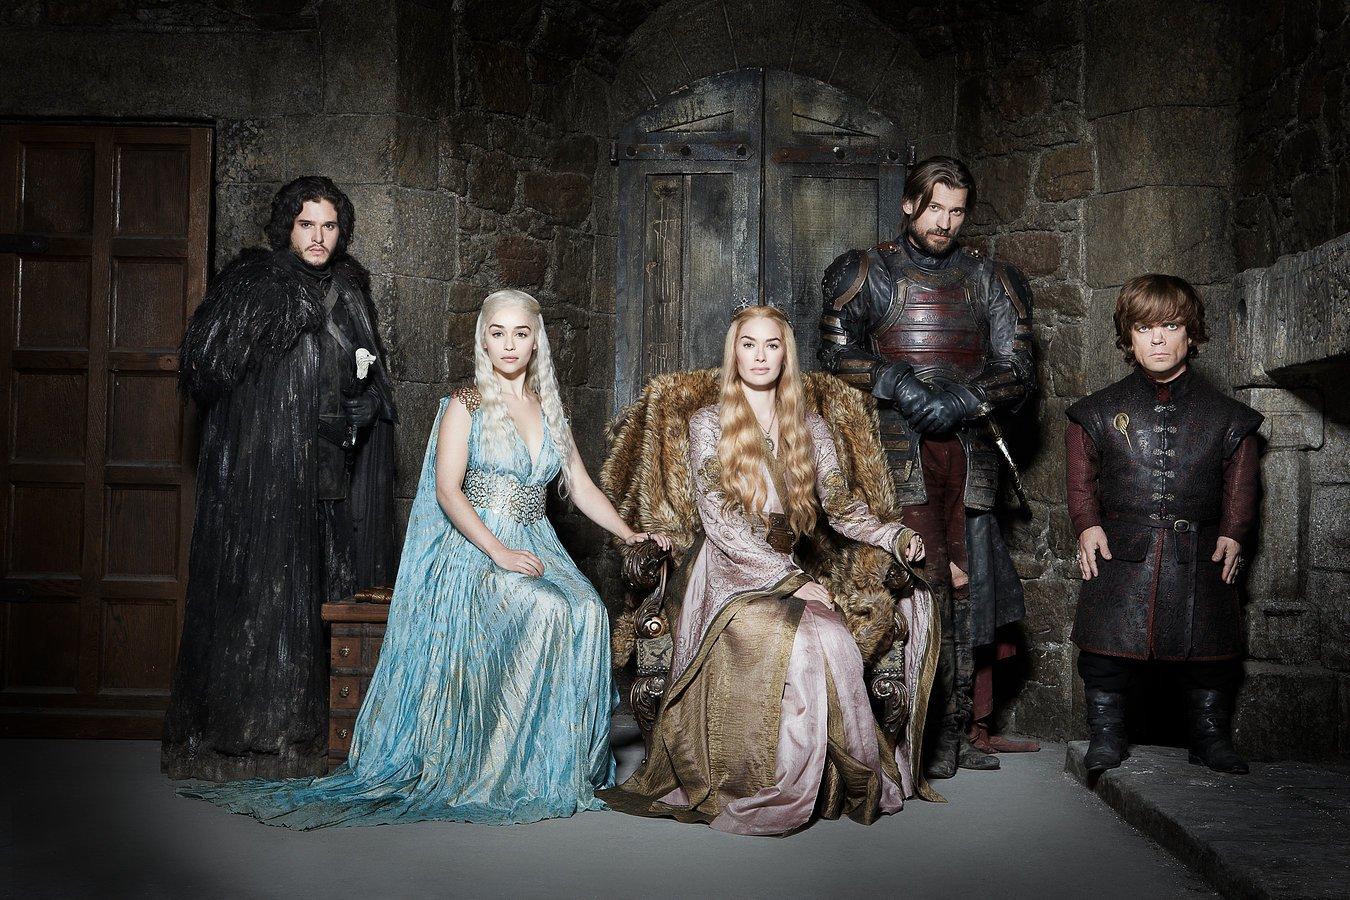 Создатели «Игры престолов» прокомментировали отношения Джона Сноу иДейенерис